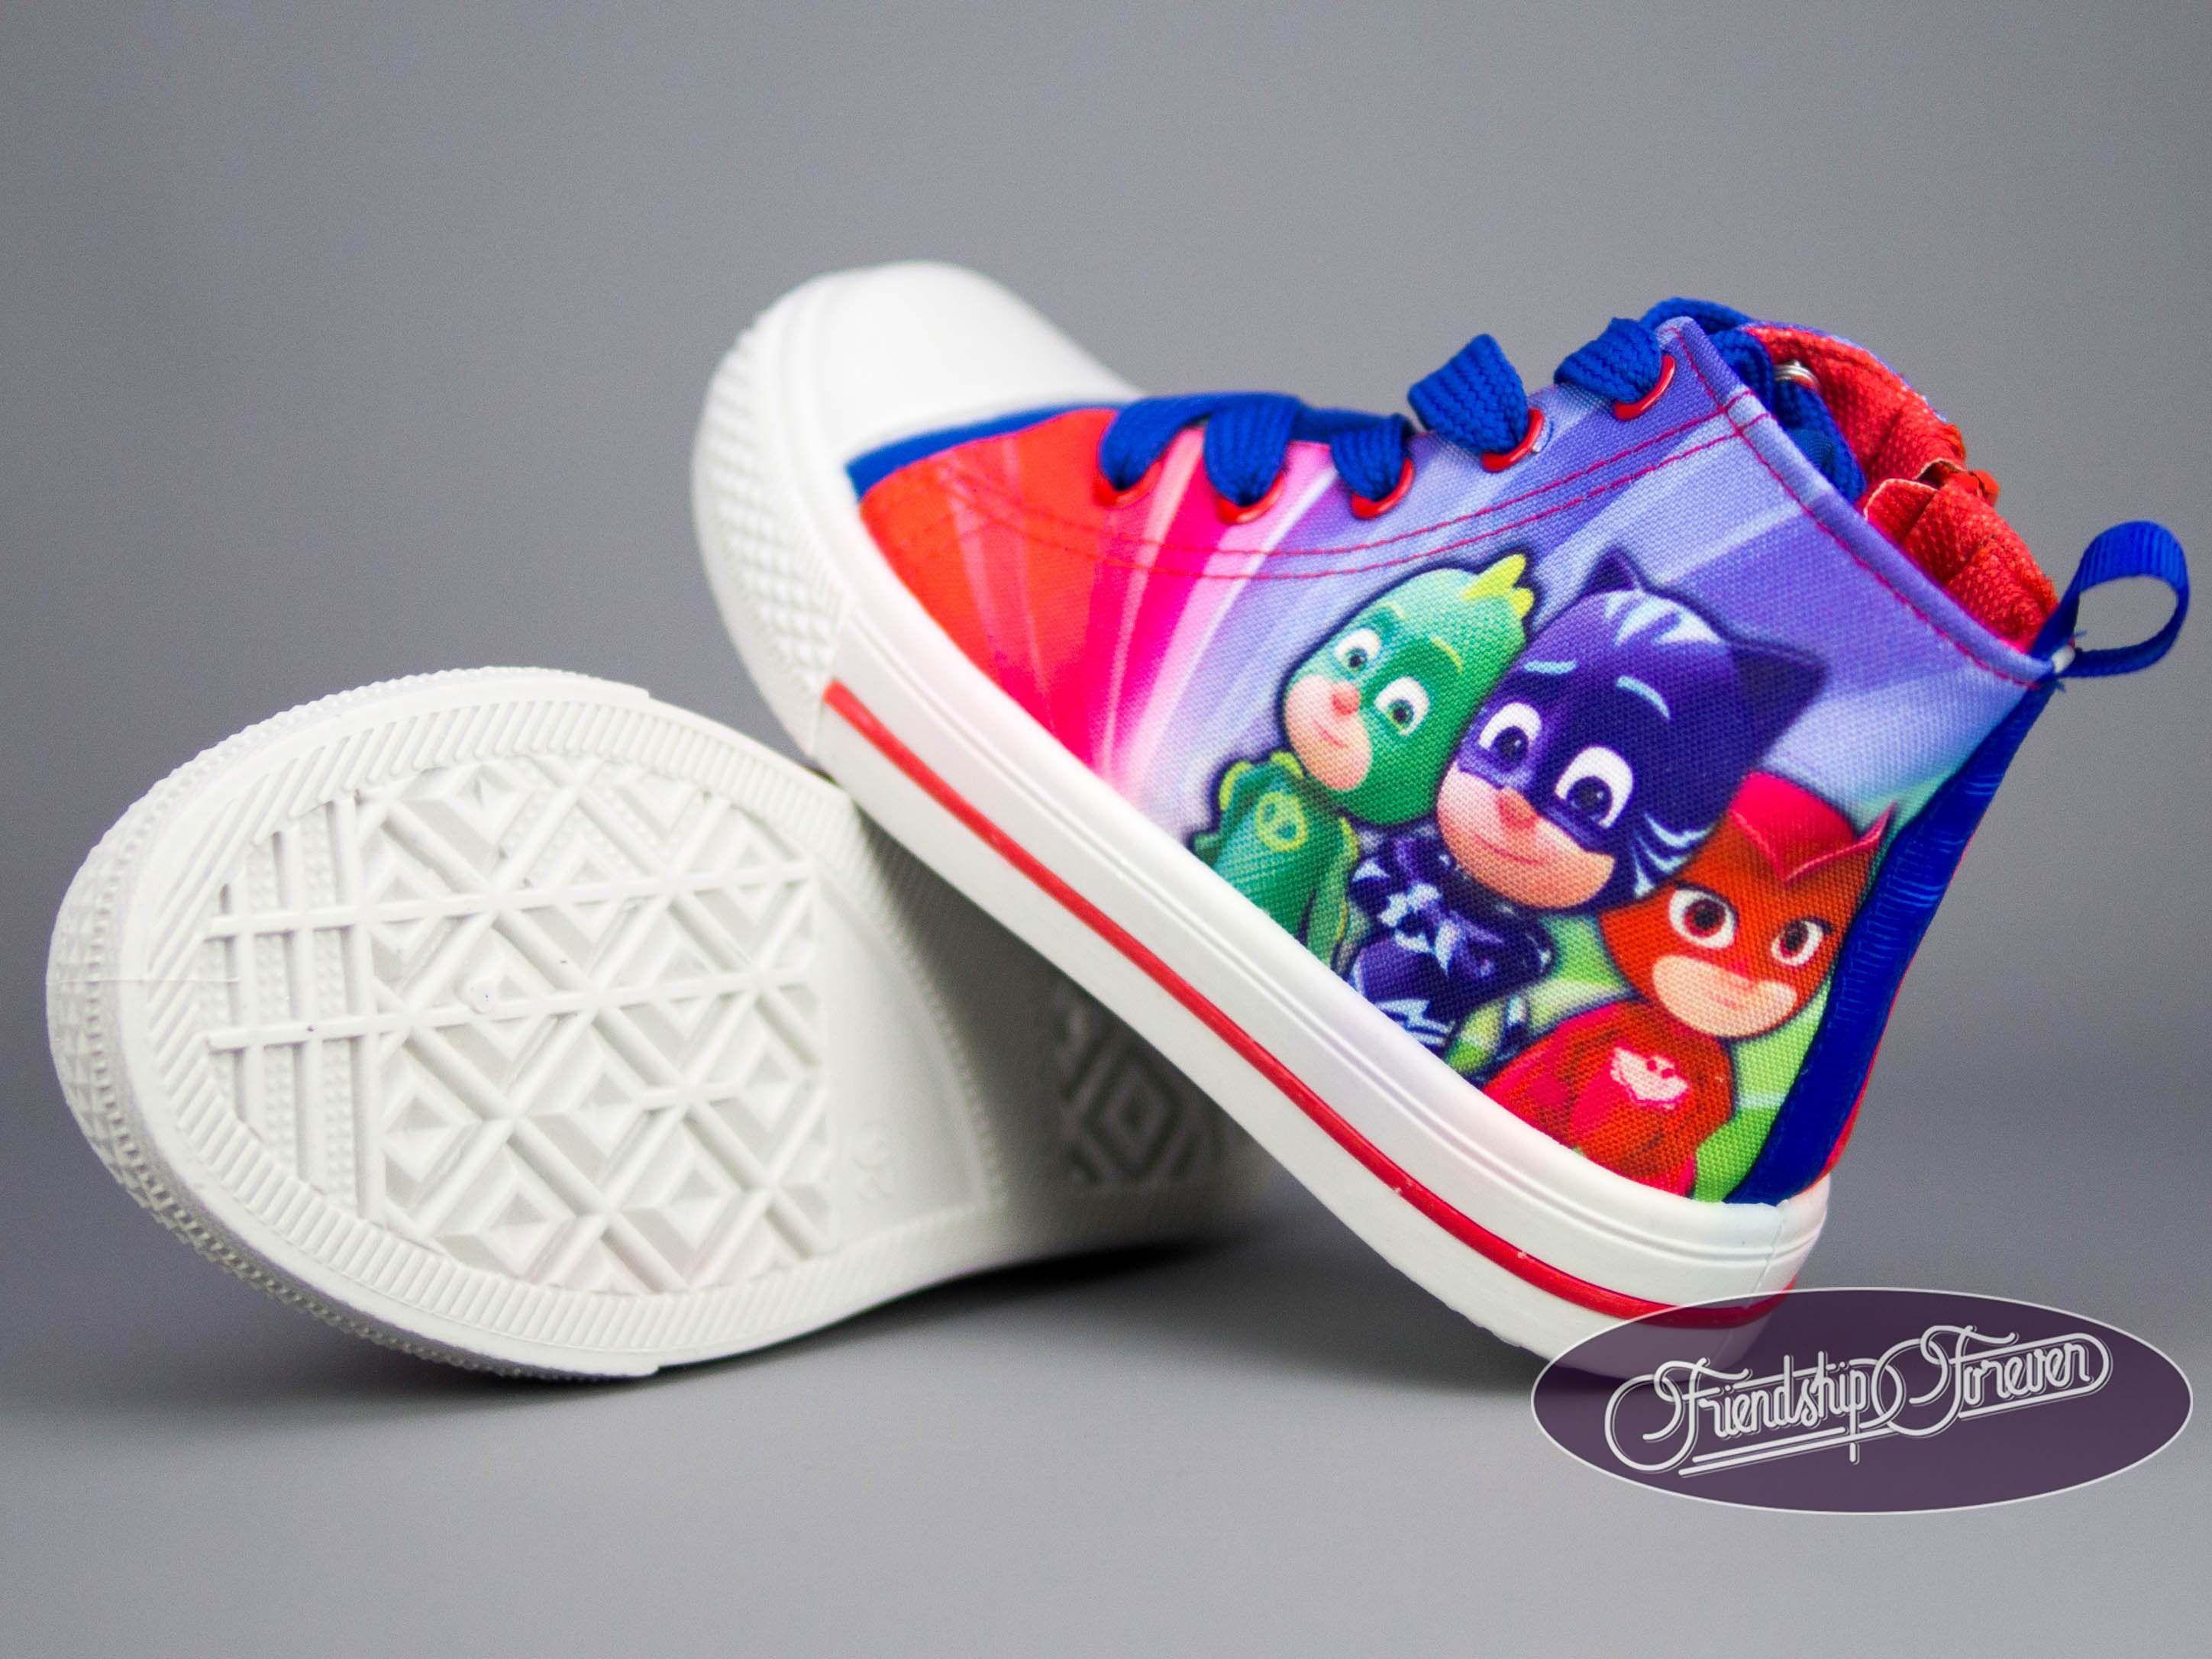 PJ Masks Trainers Canvas Shoes   Kid